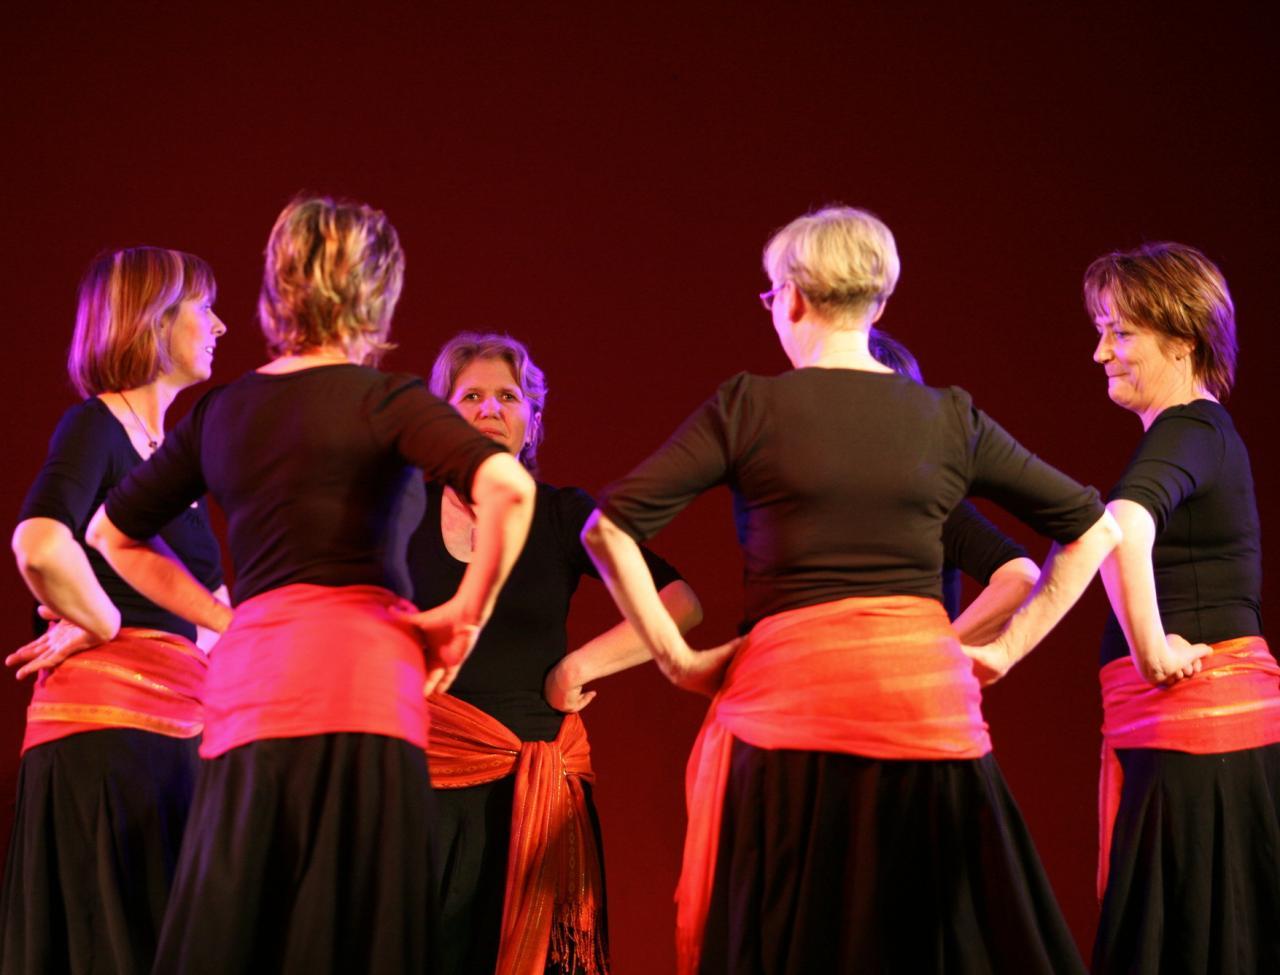 2008 Fête du Folklore, Raismes